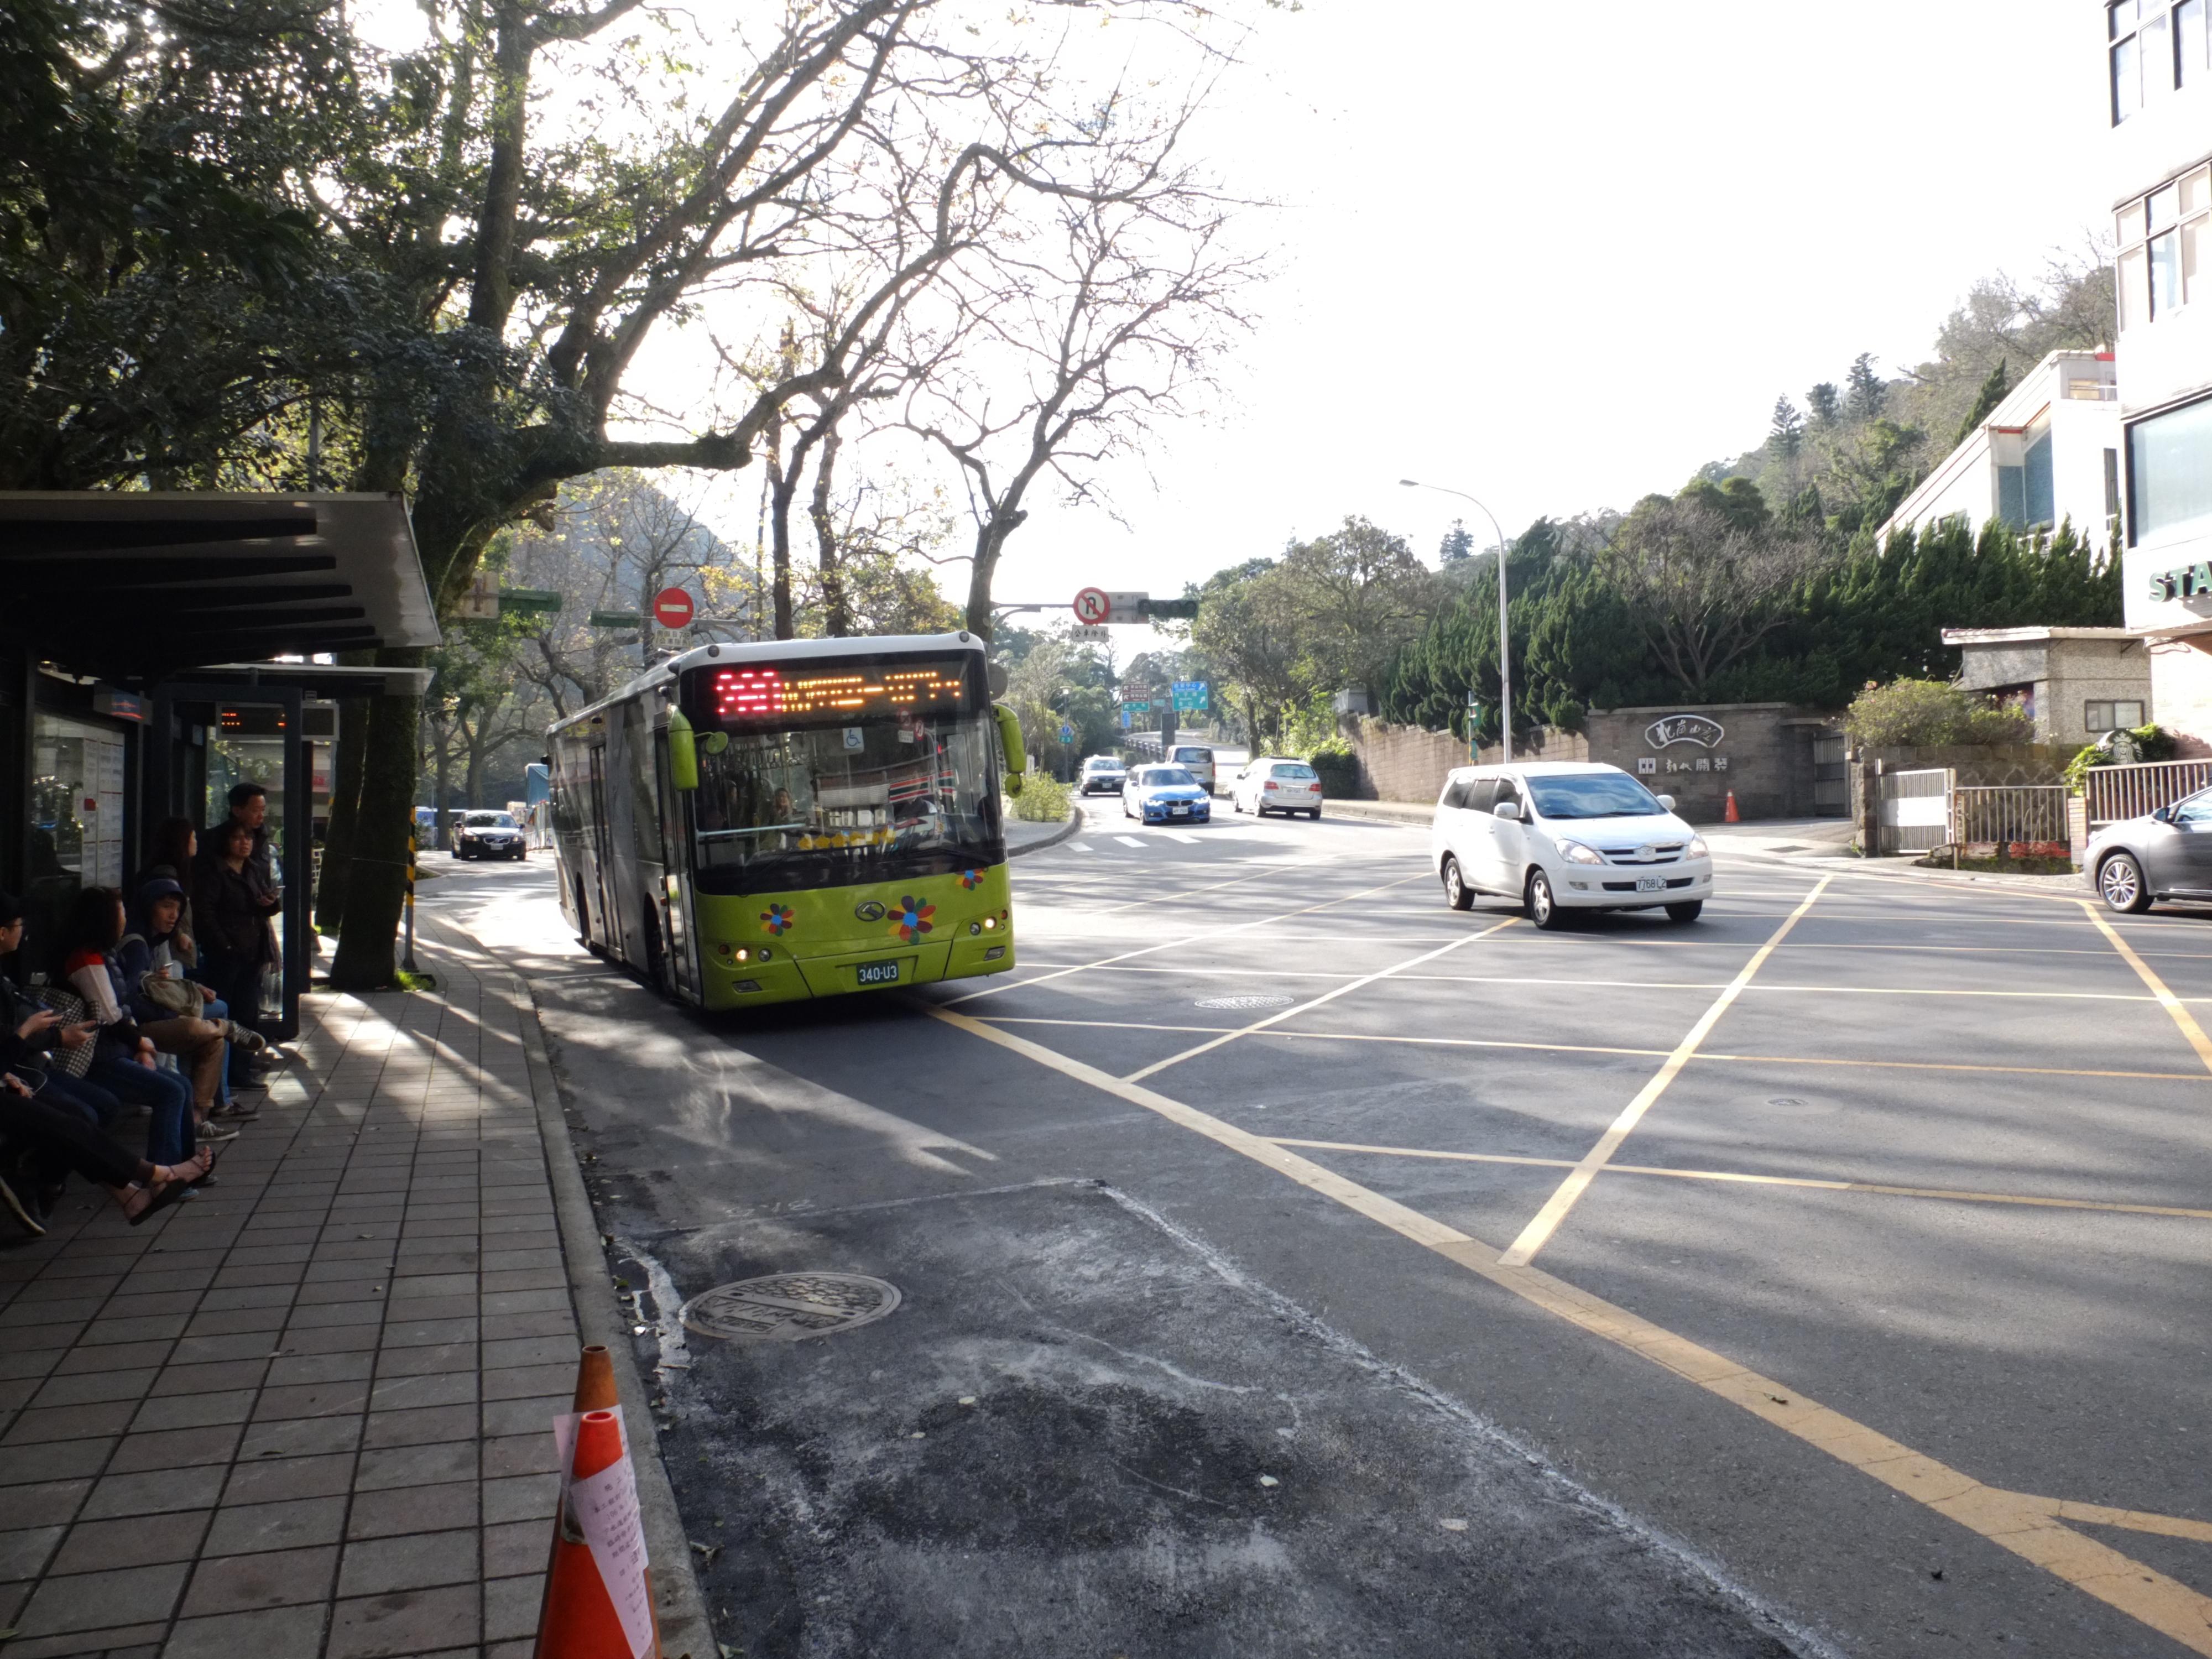 陽投公路(勝利街)與陽金公路(湖山路一段)交接處,日據時代就有公共汽車循此往返北投與陽明山區。